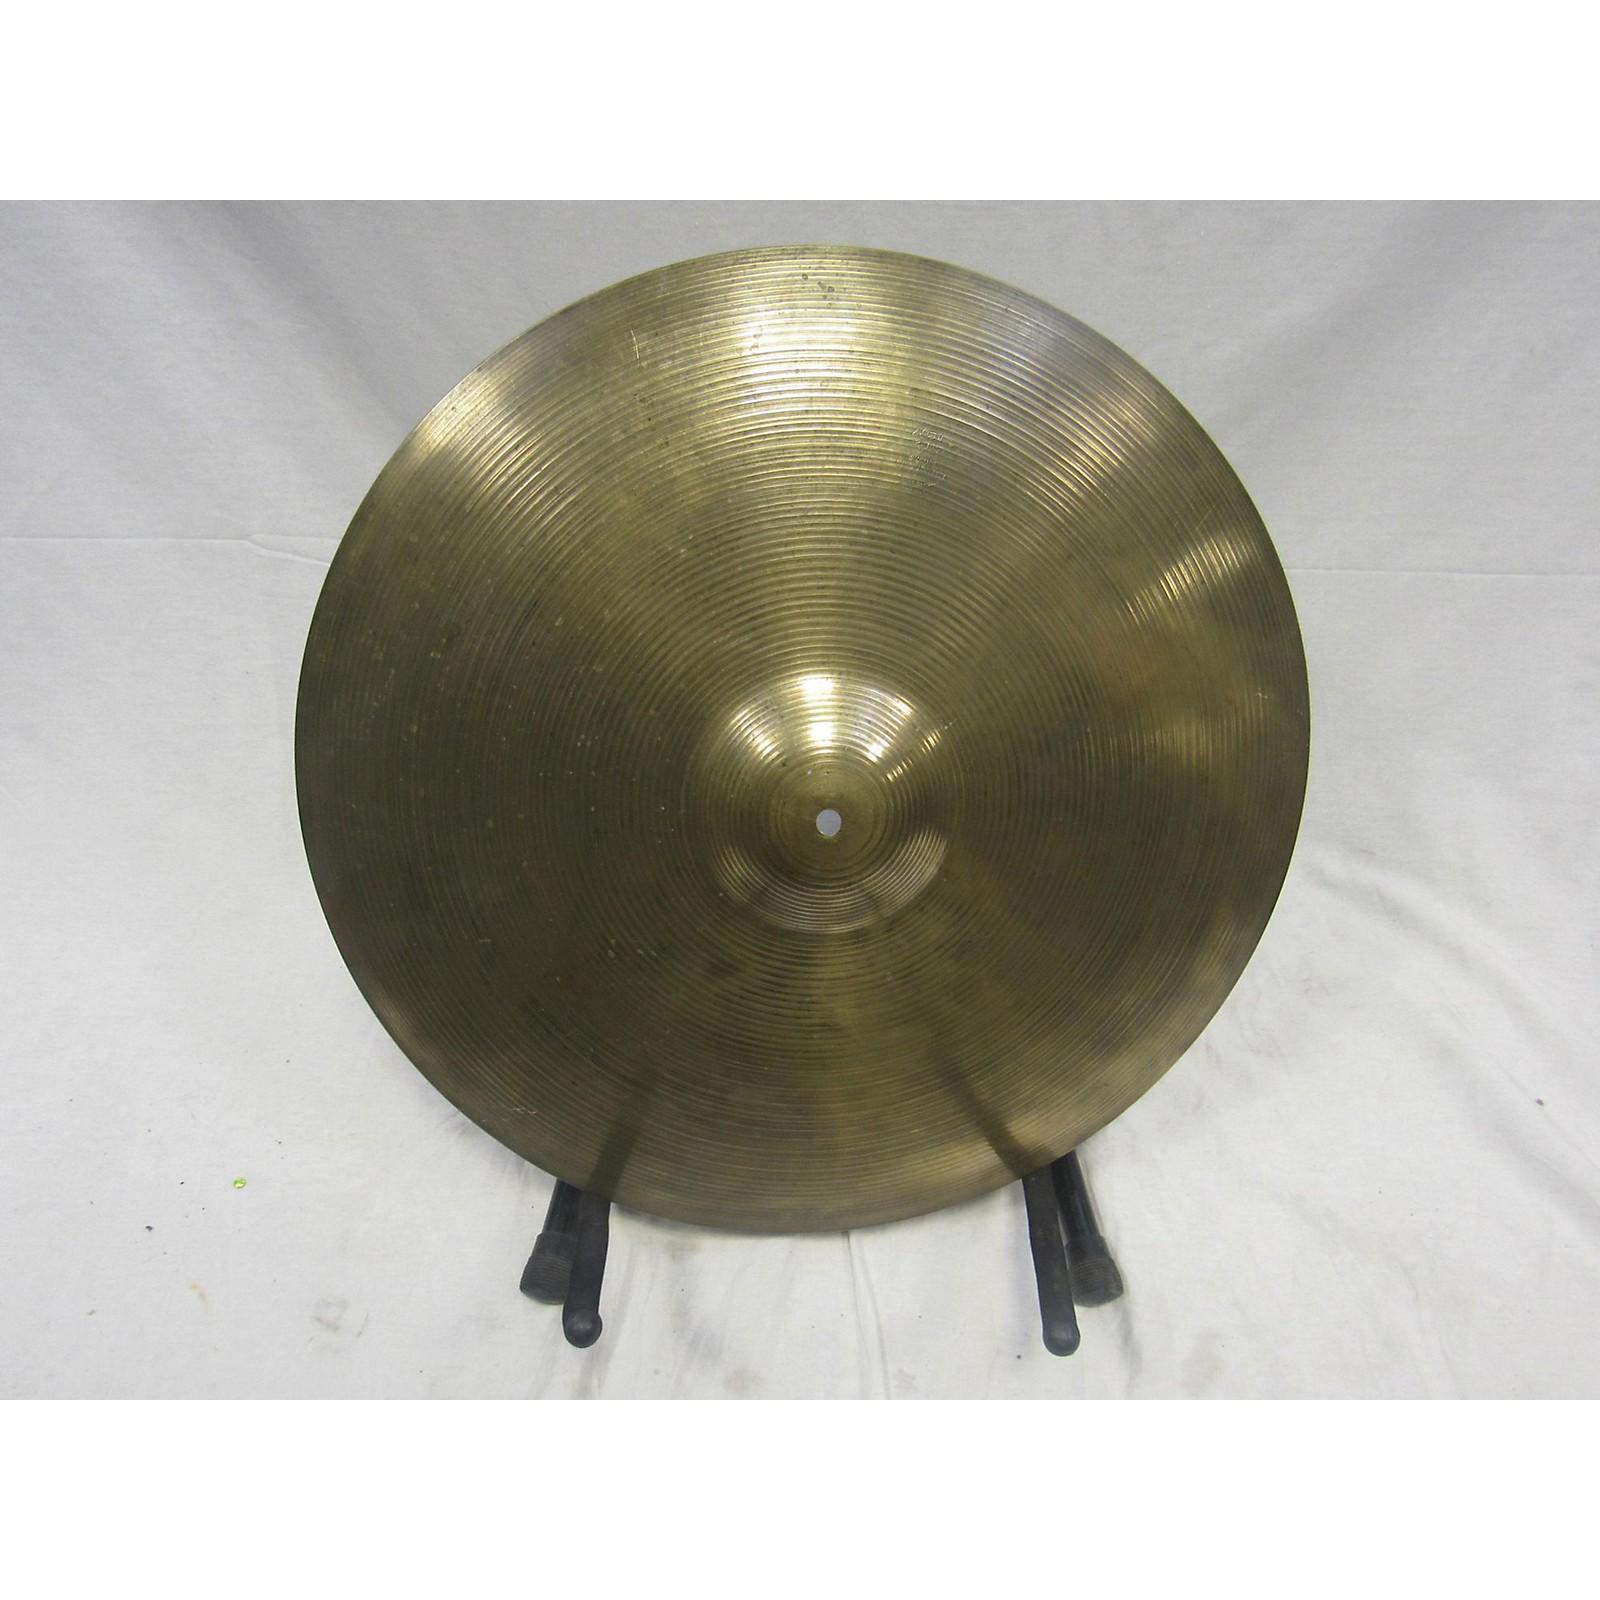 Zildjian 2000s 22in Avedis Ride Cymbal